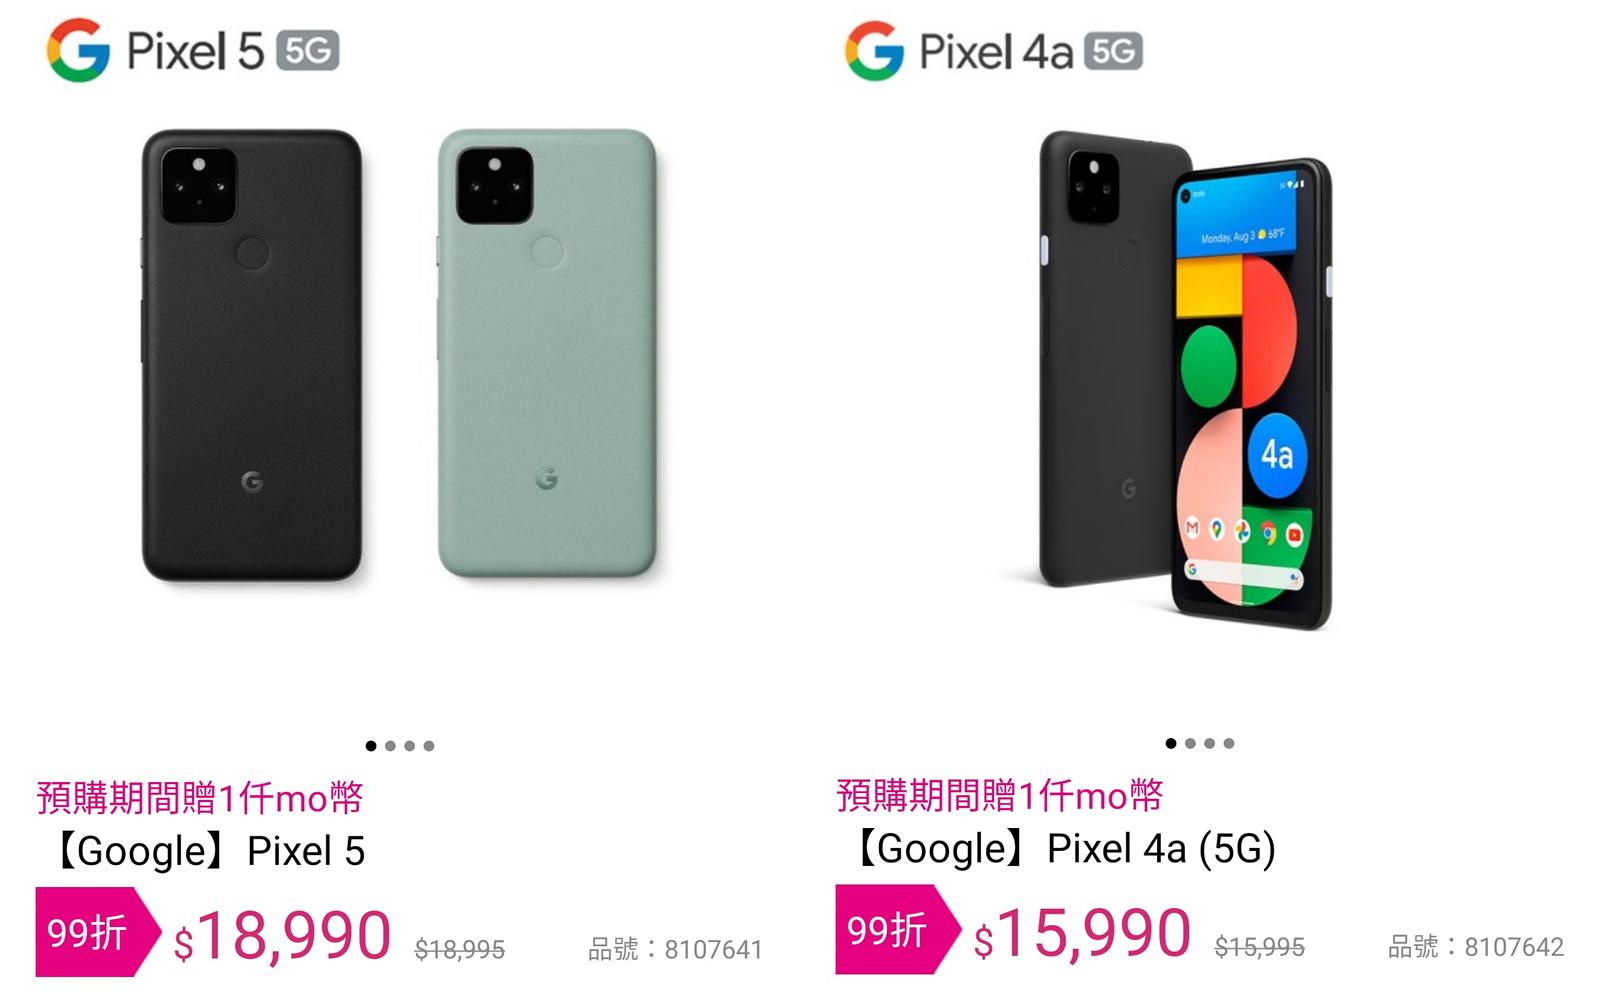 Pixel 5 / Pixel 4a 5G Taiwan price